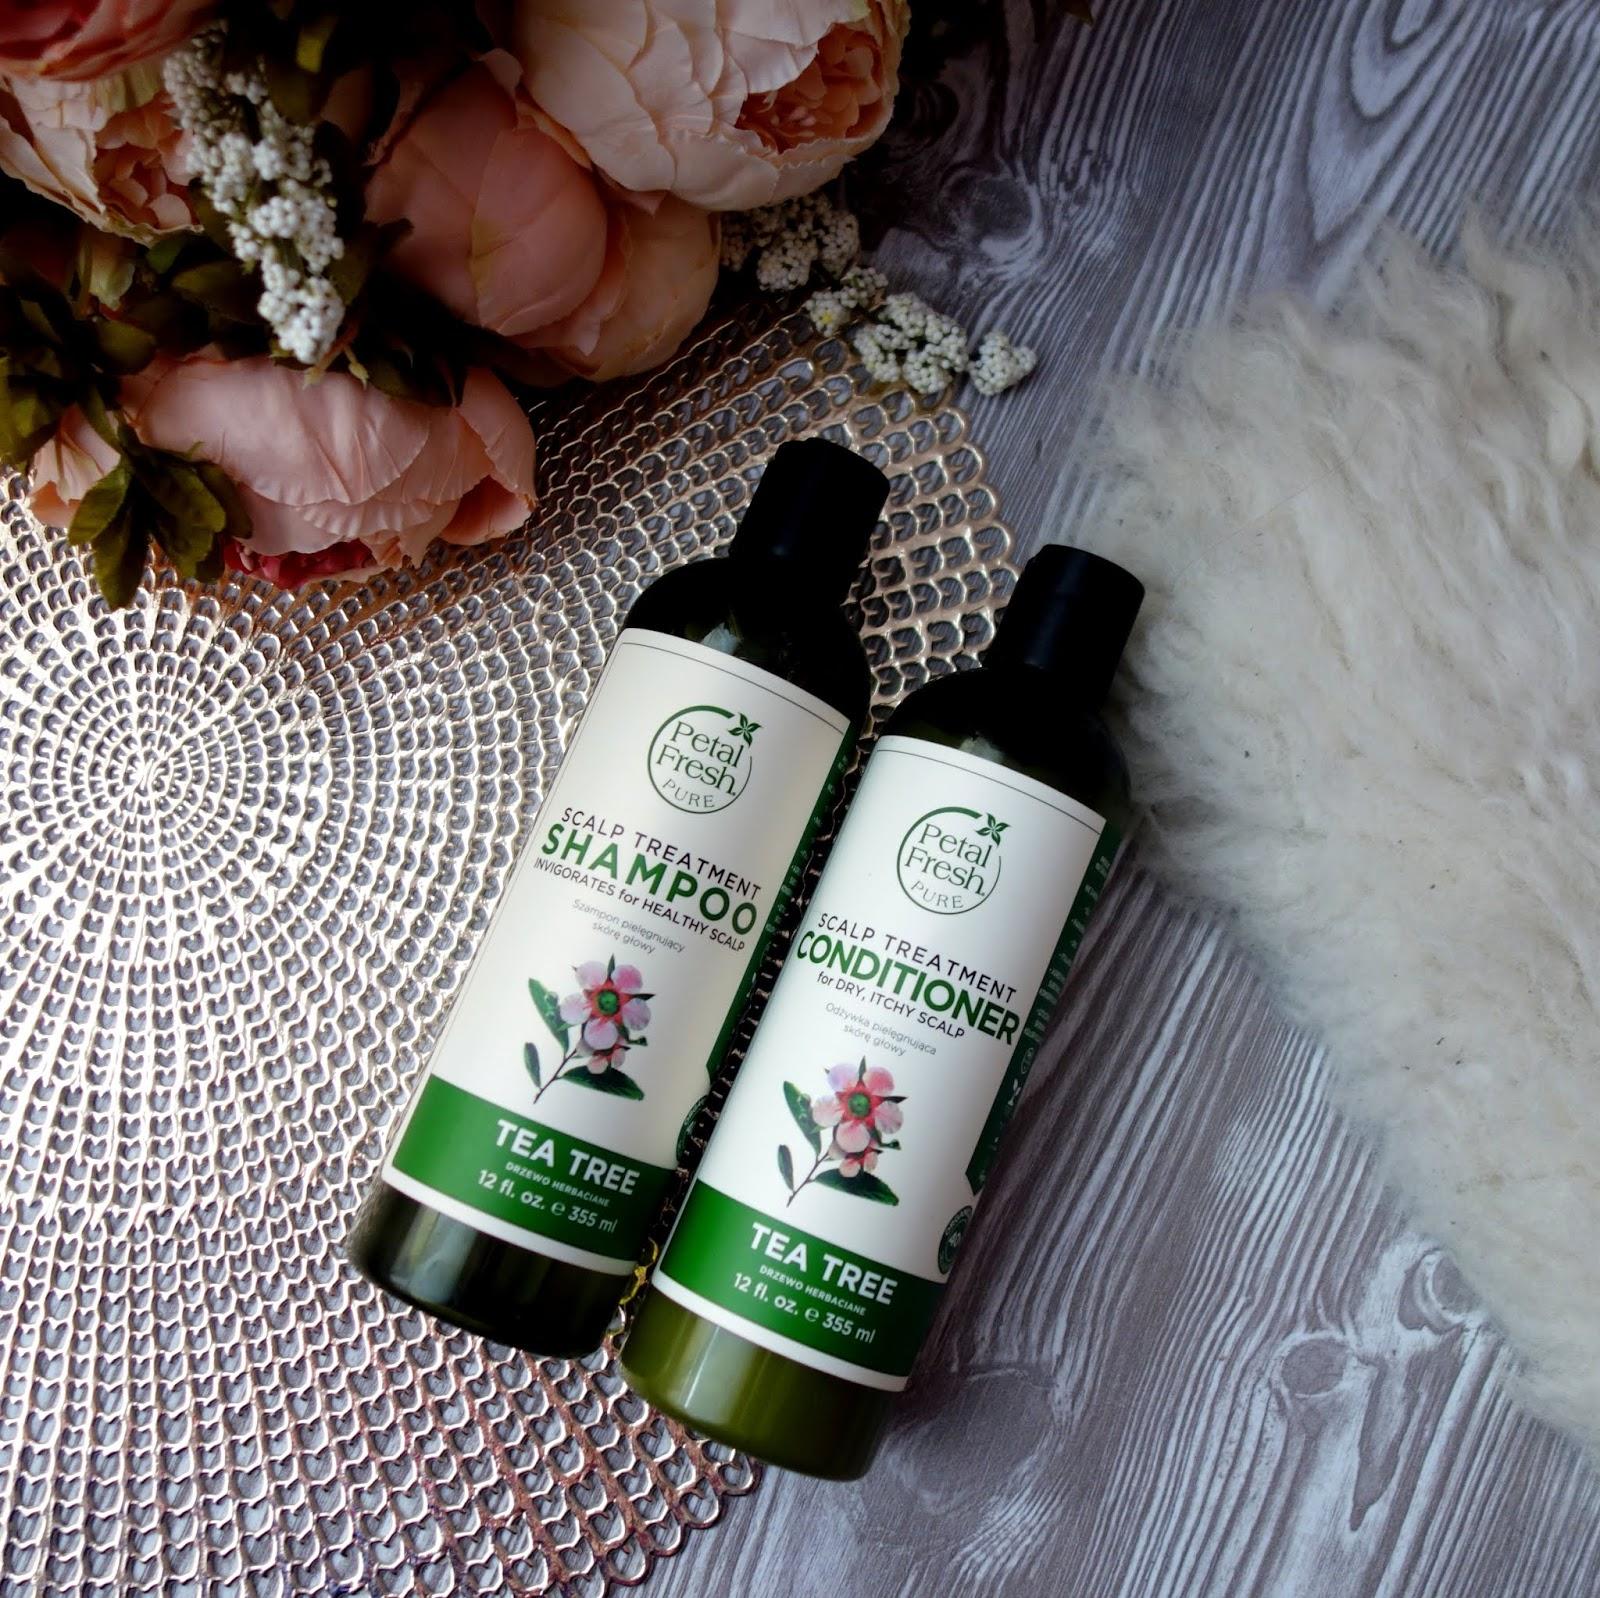 Petal Fresh - moc organicznego olejku z drzewa herbacianego.